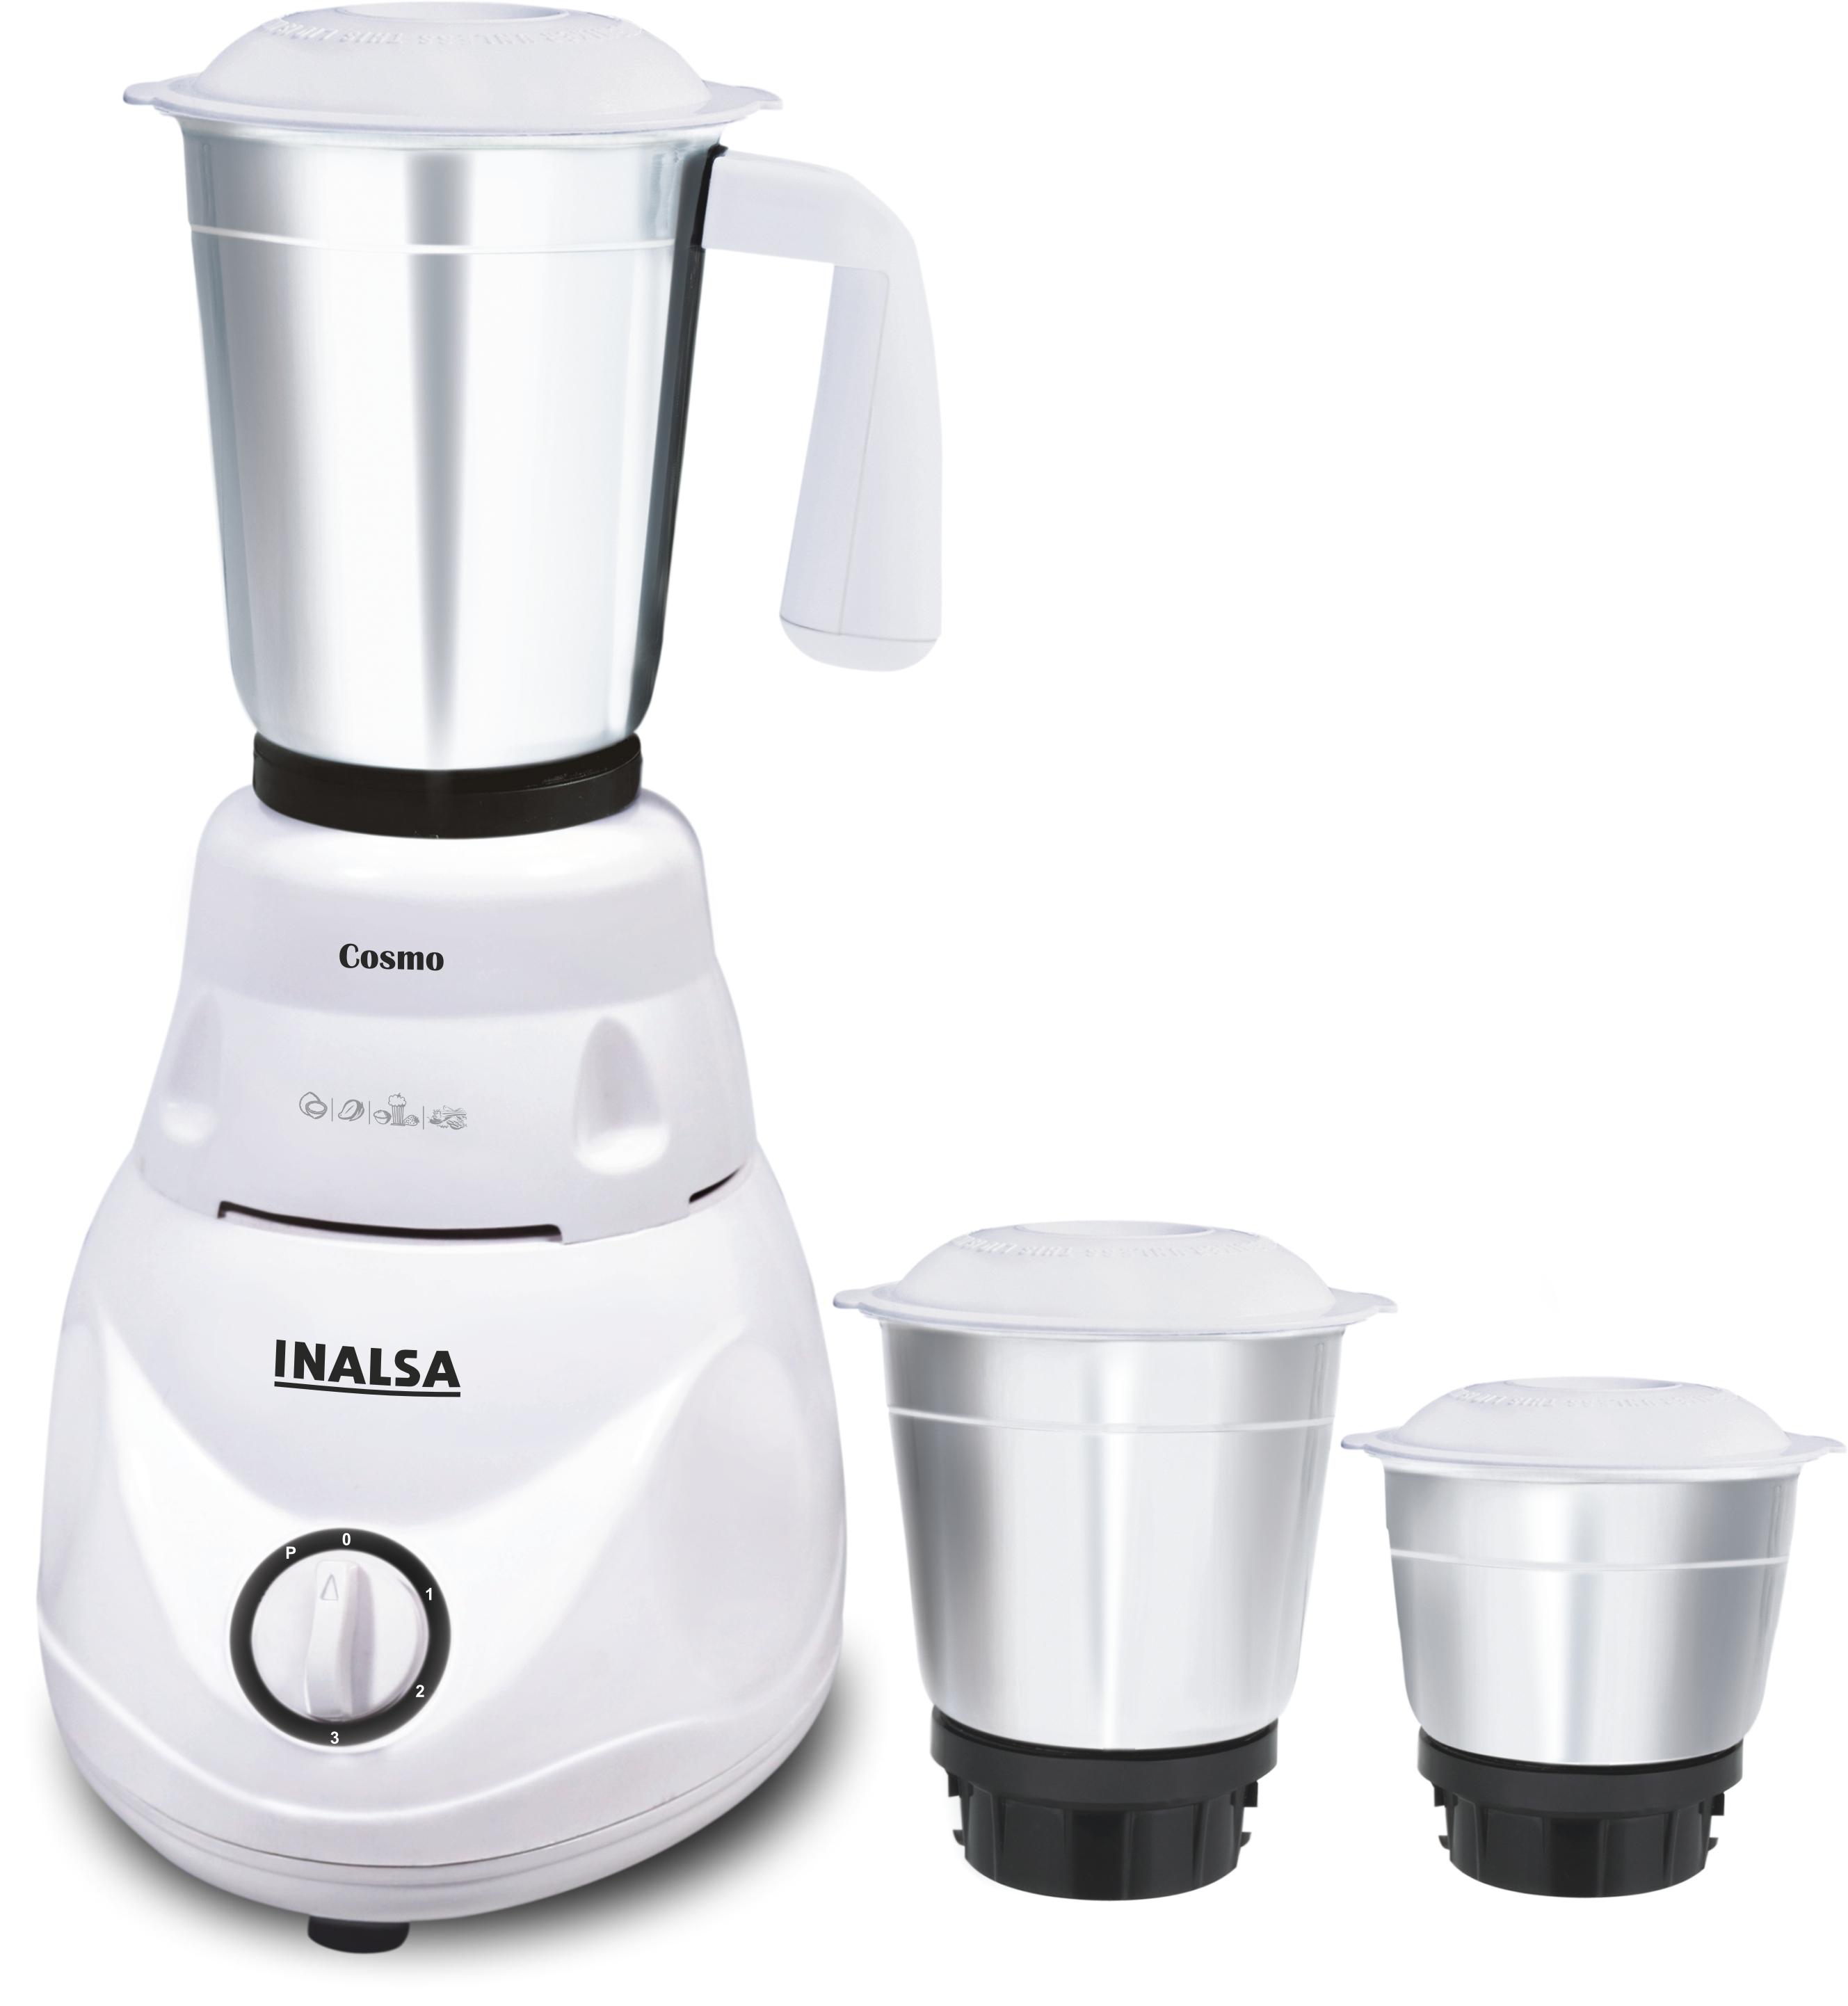 Inalsa Cosmo Mixer Grinder IFB Image